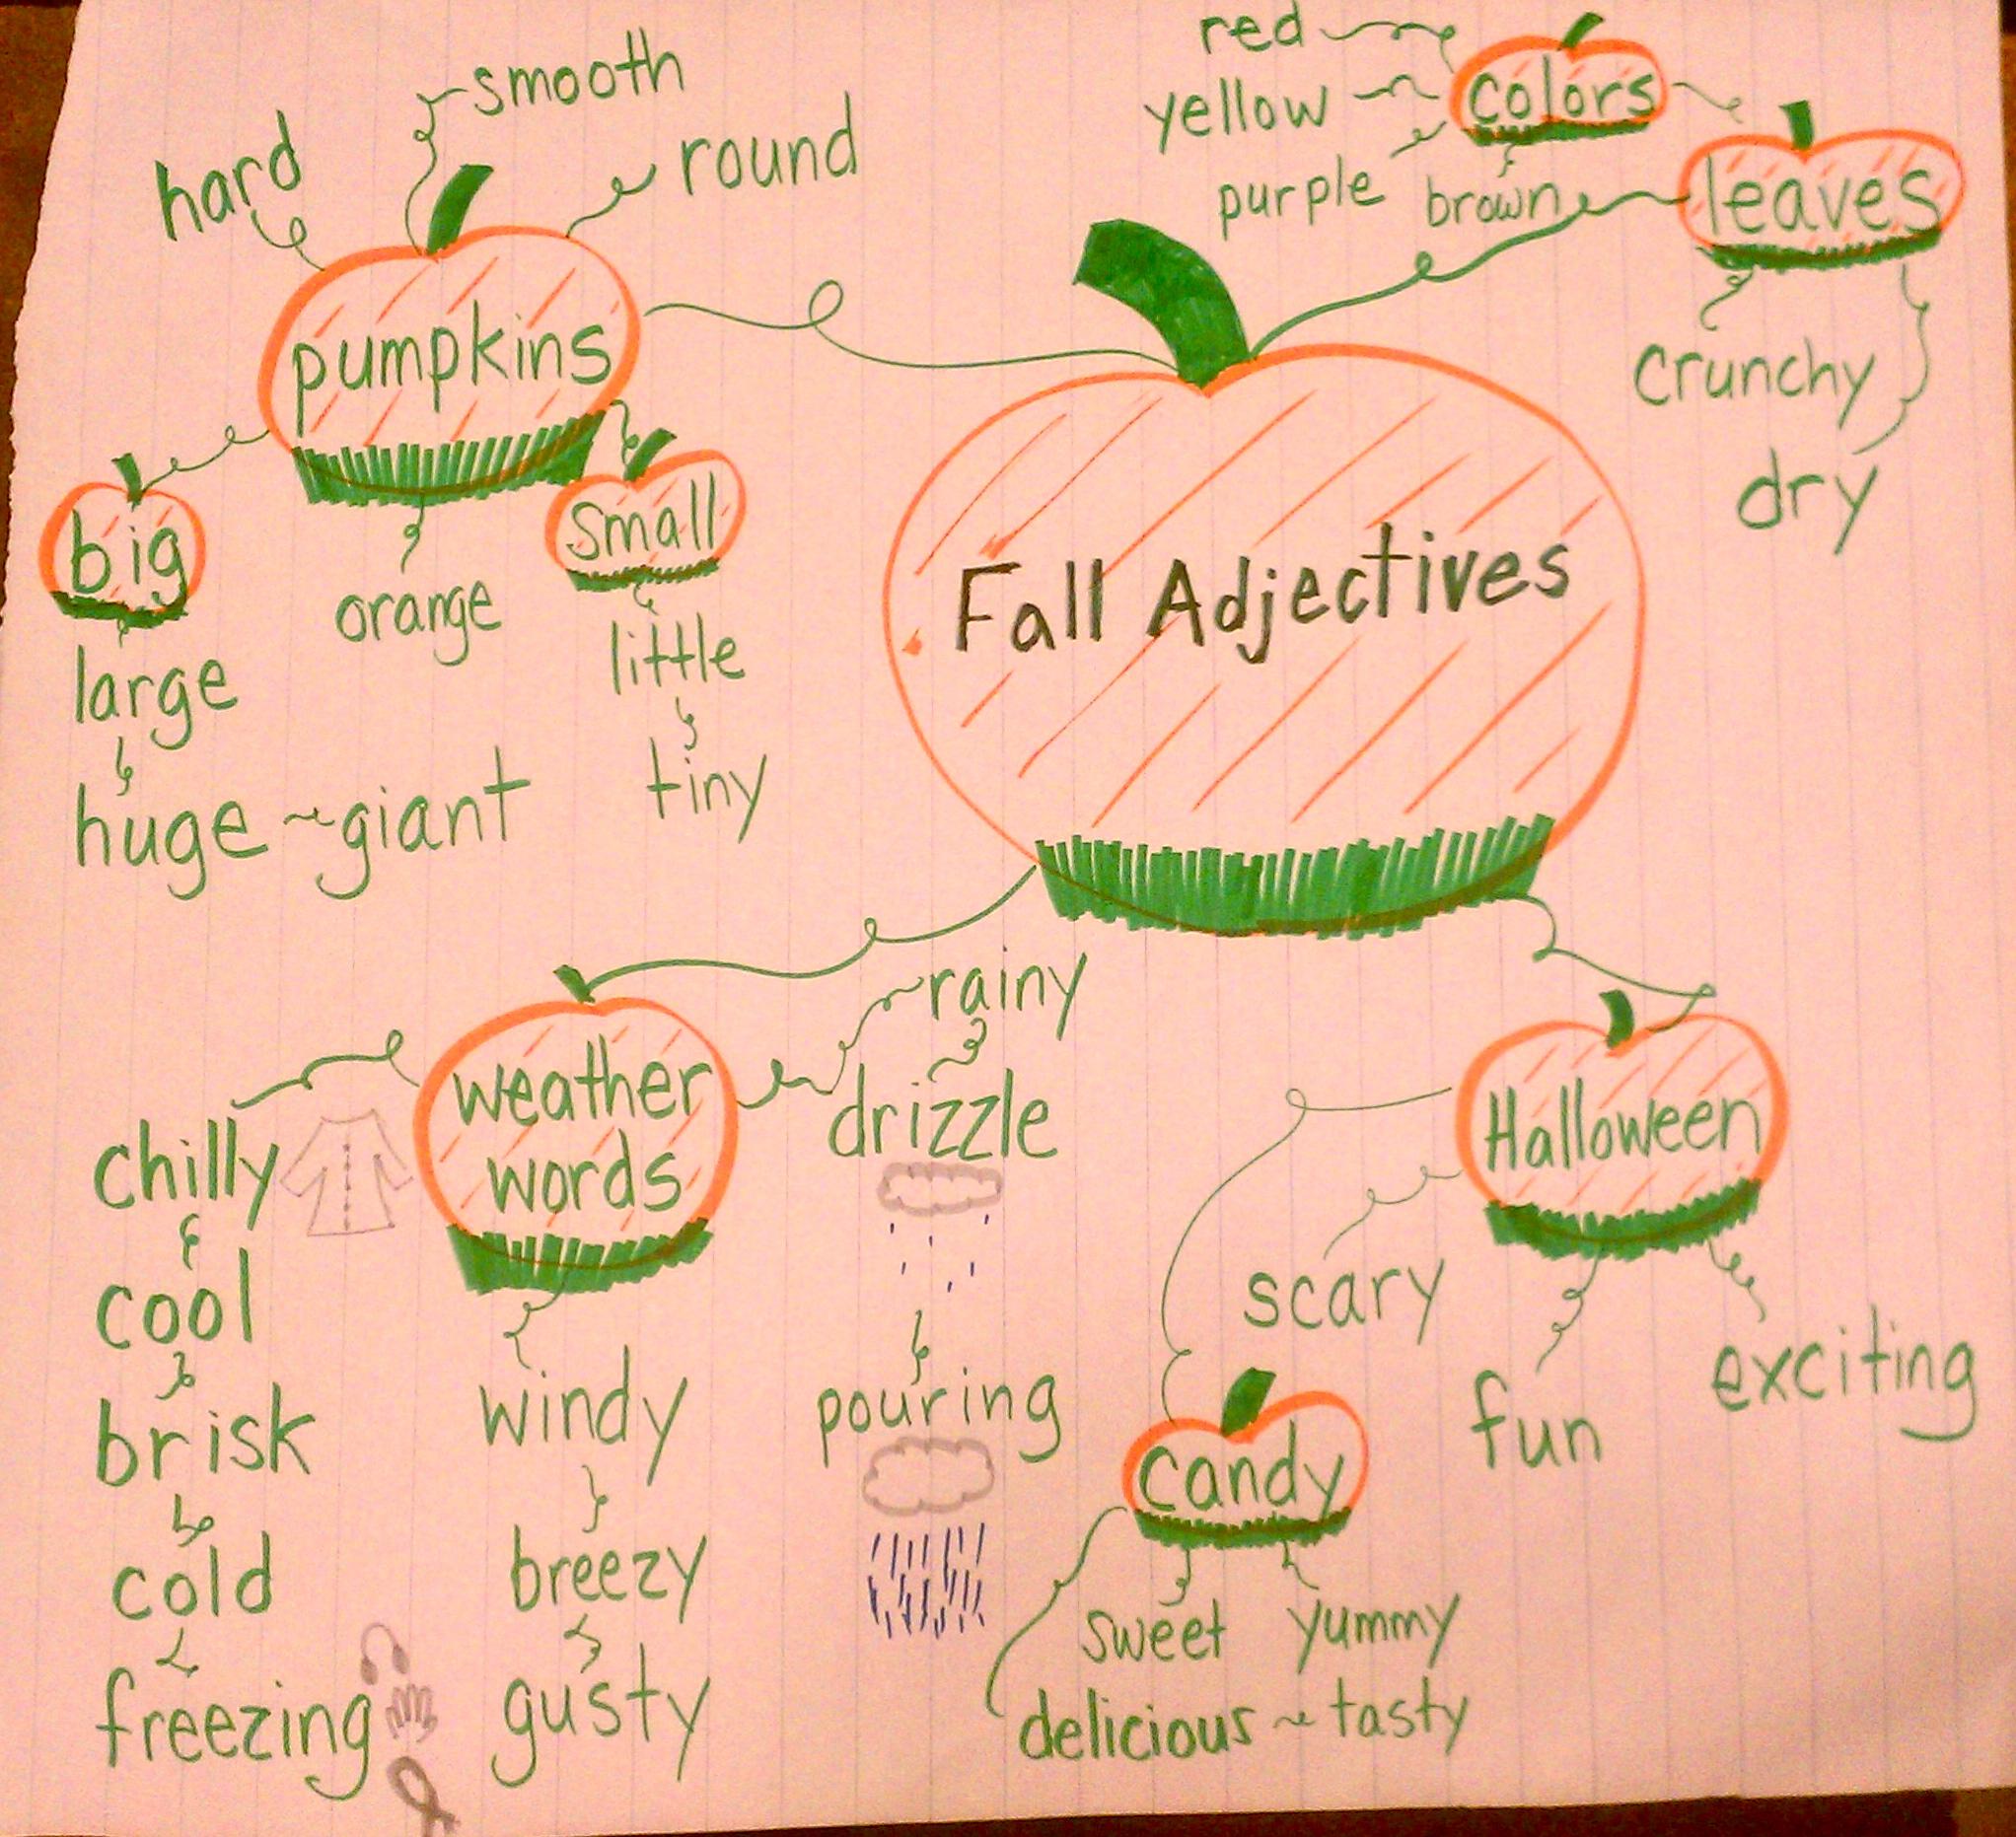 Pumpkin Patch Adjectives